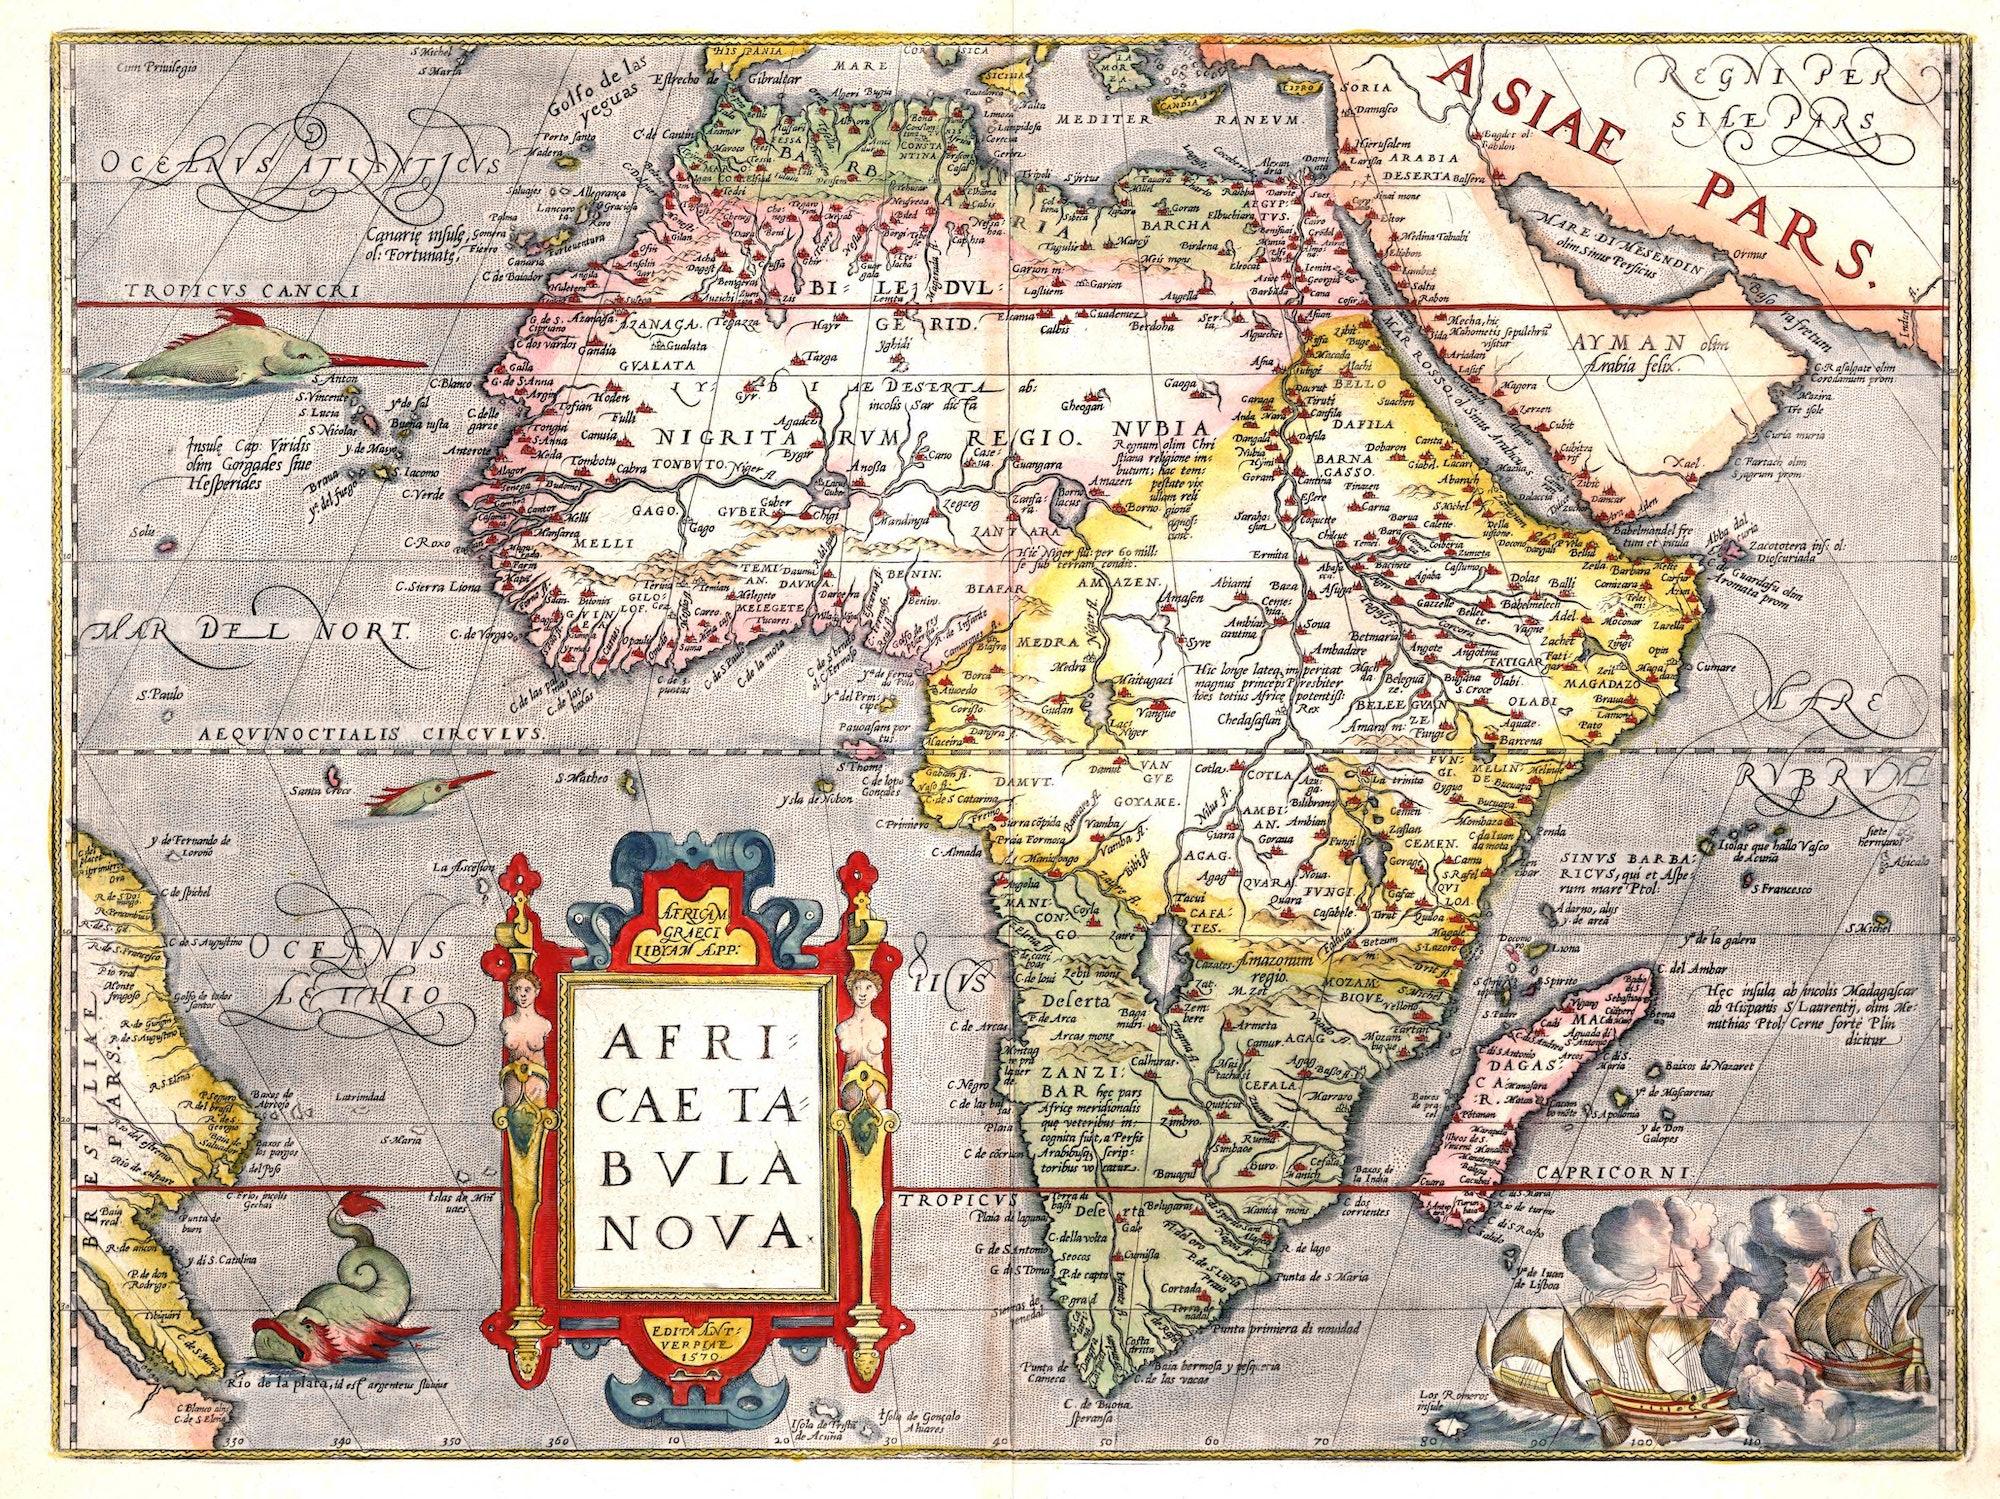 Abraham Ortelius map of Africa